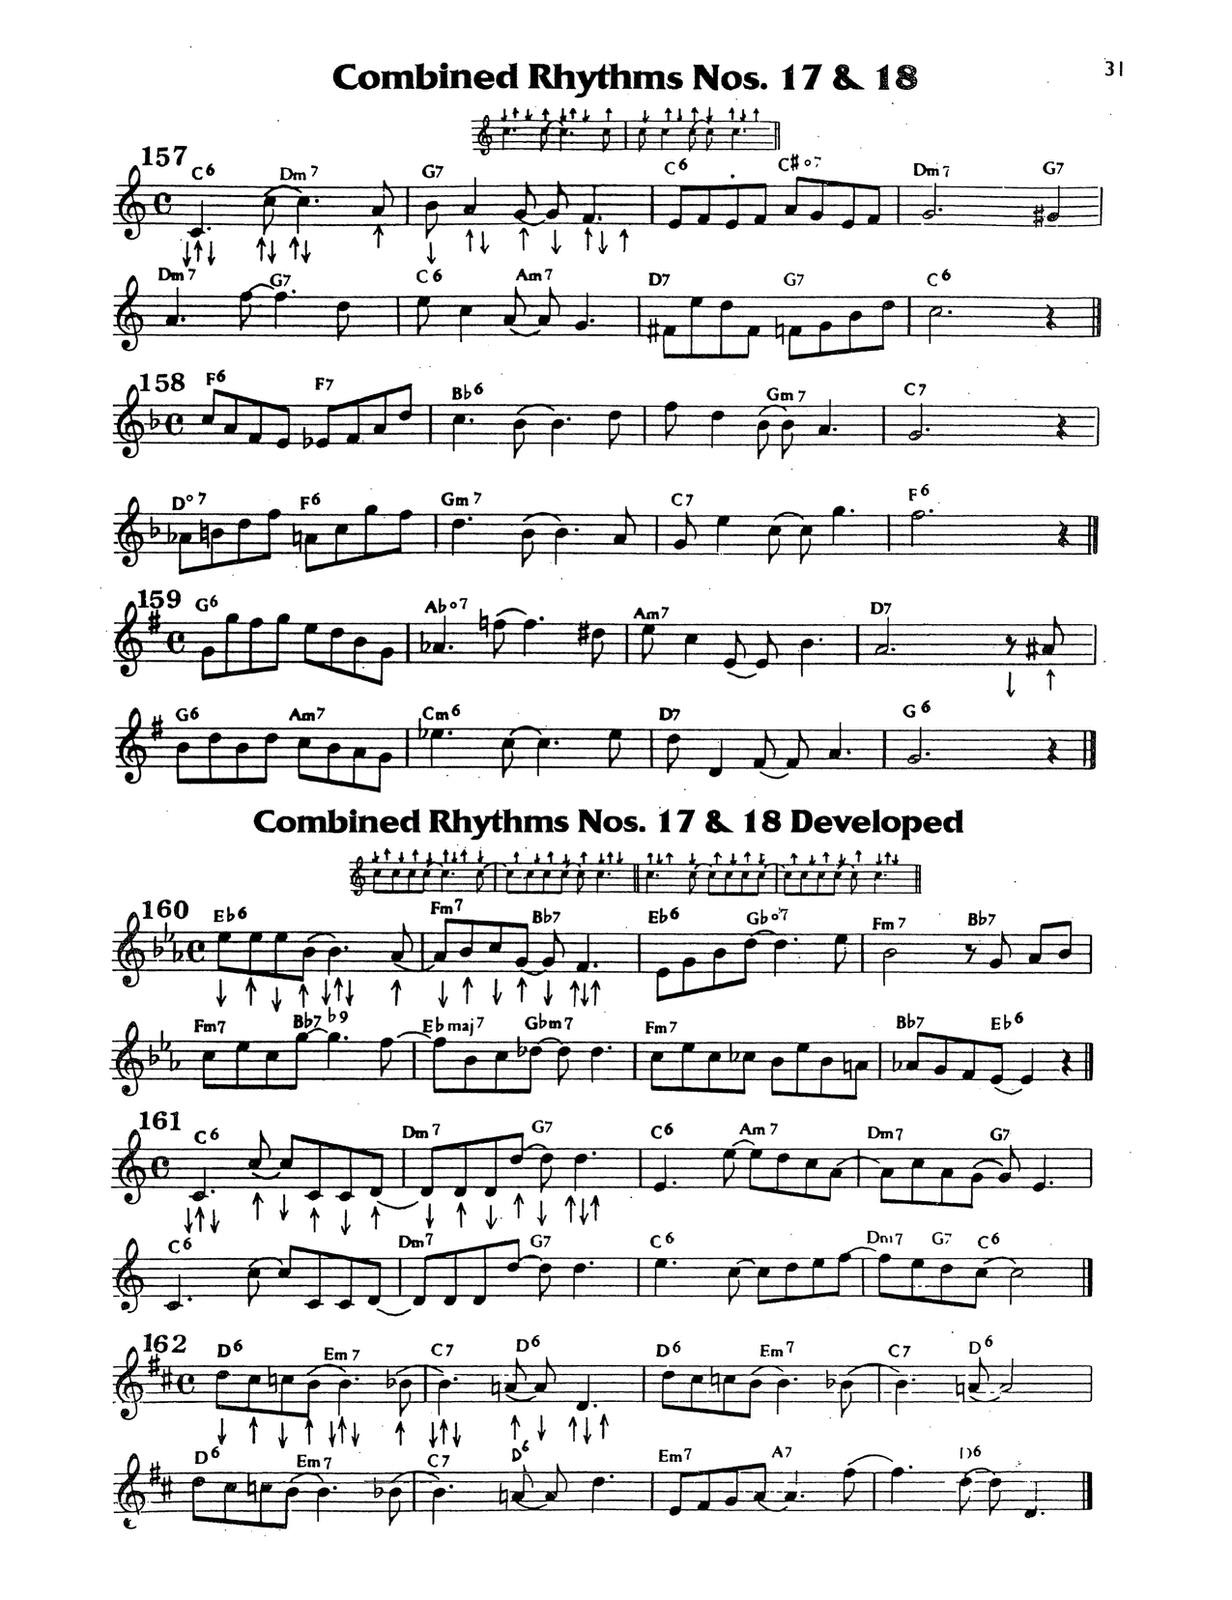 Bower, Rhythms Complete 5